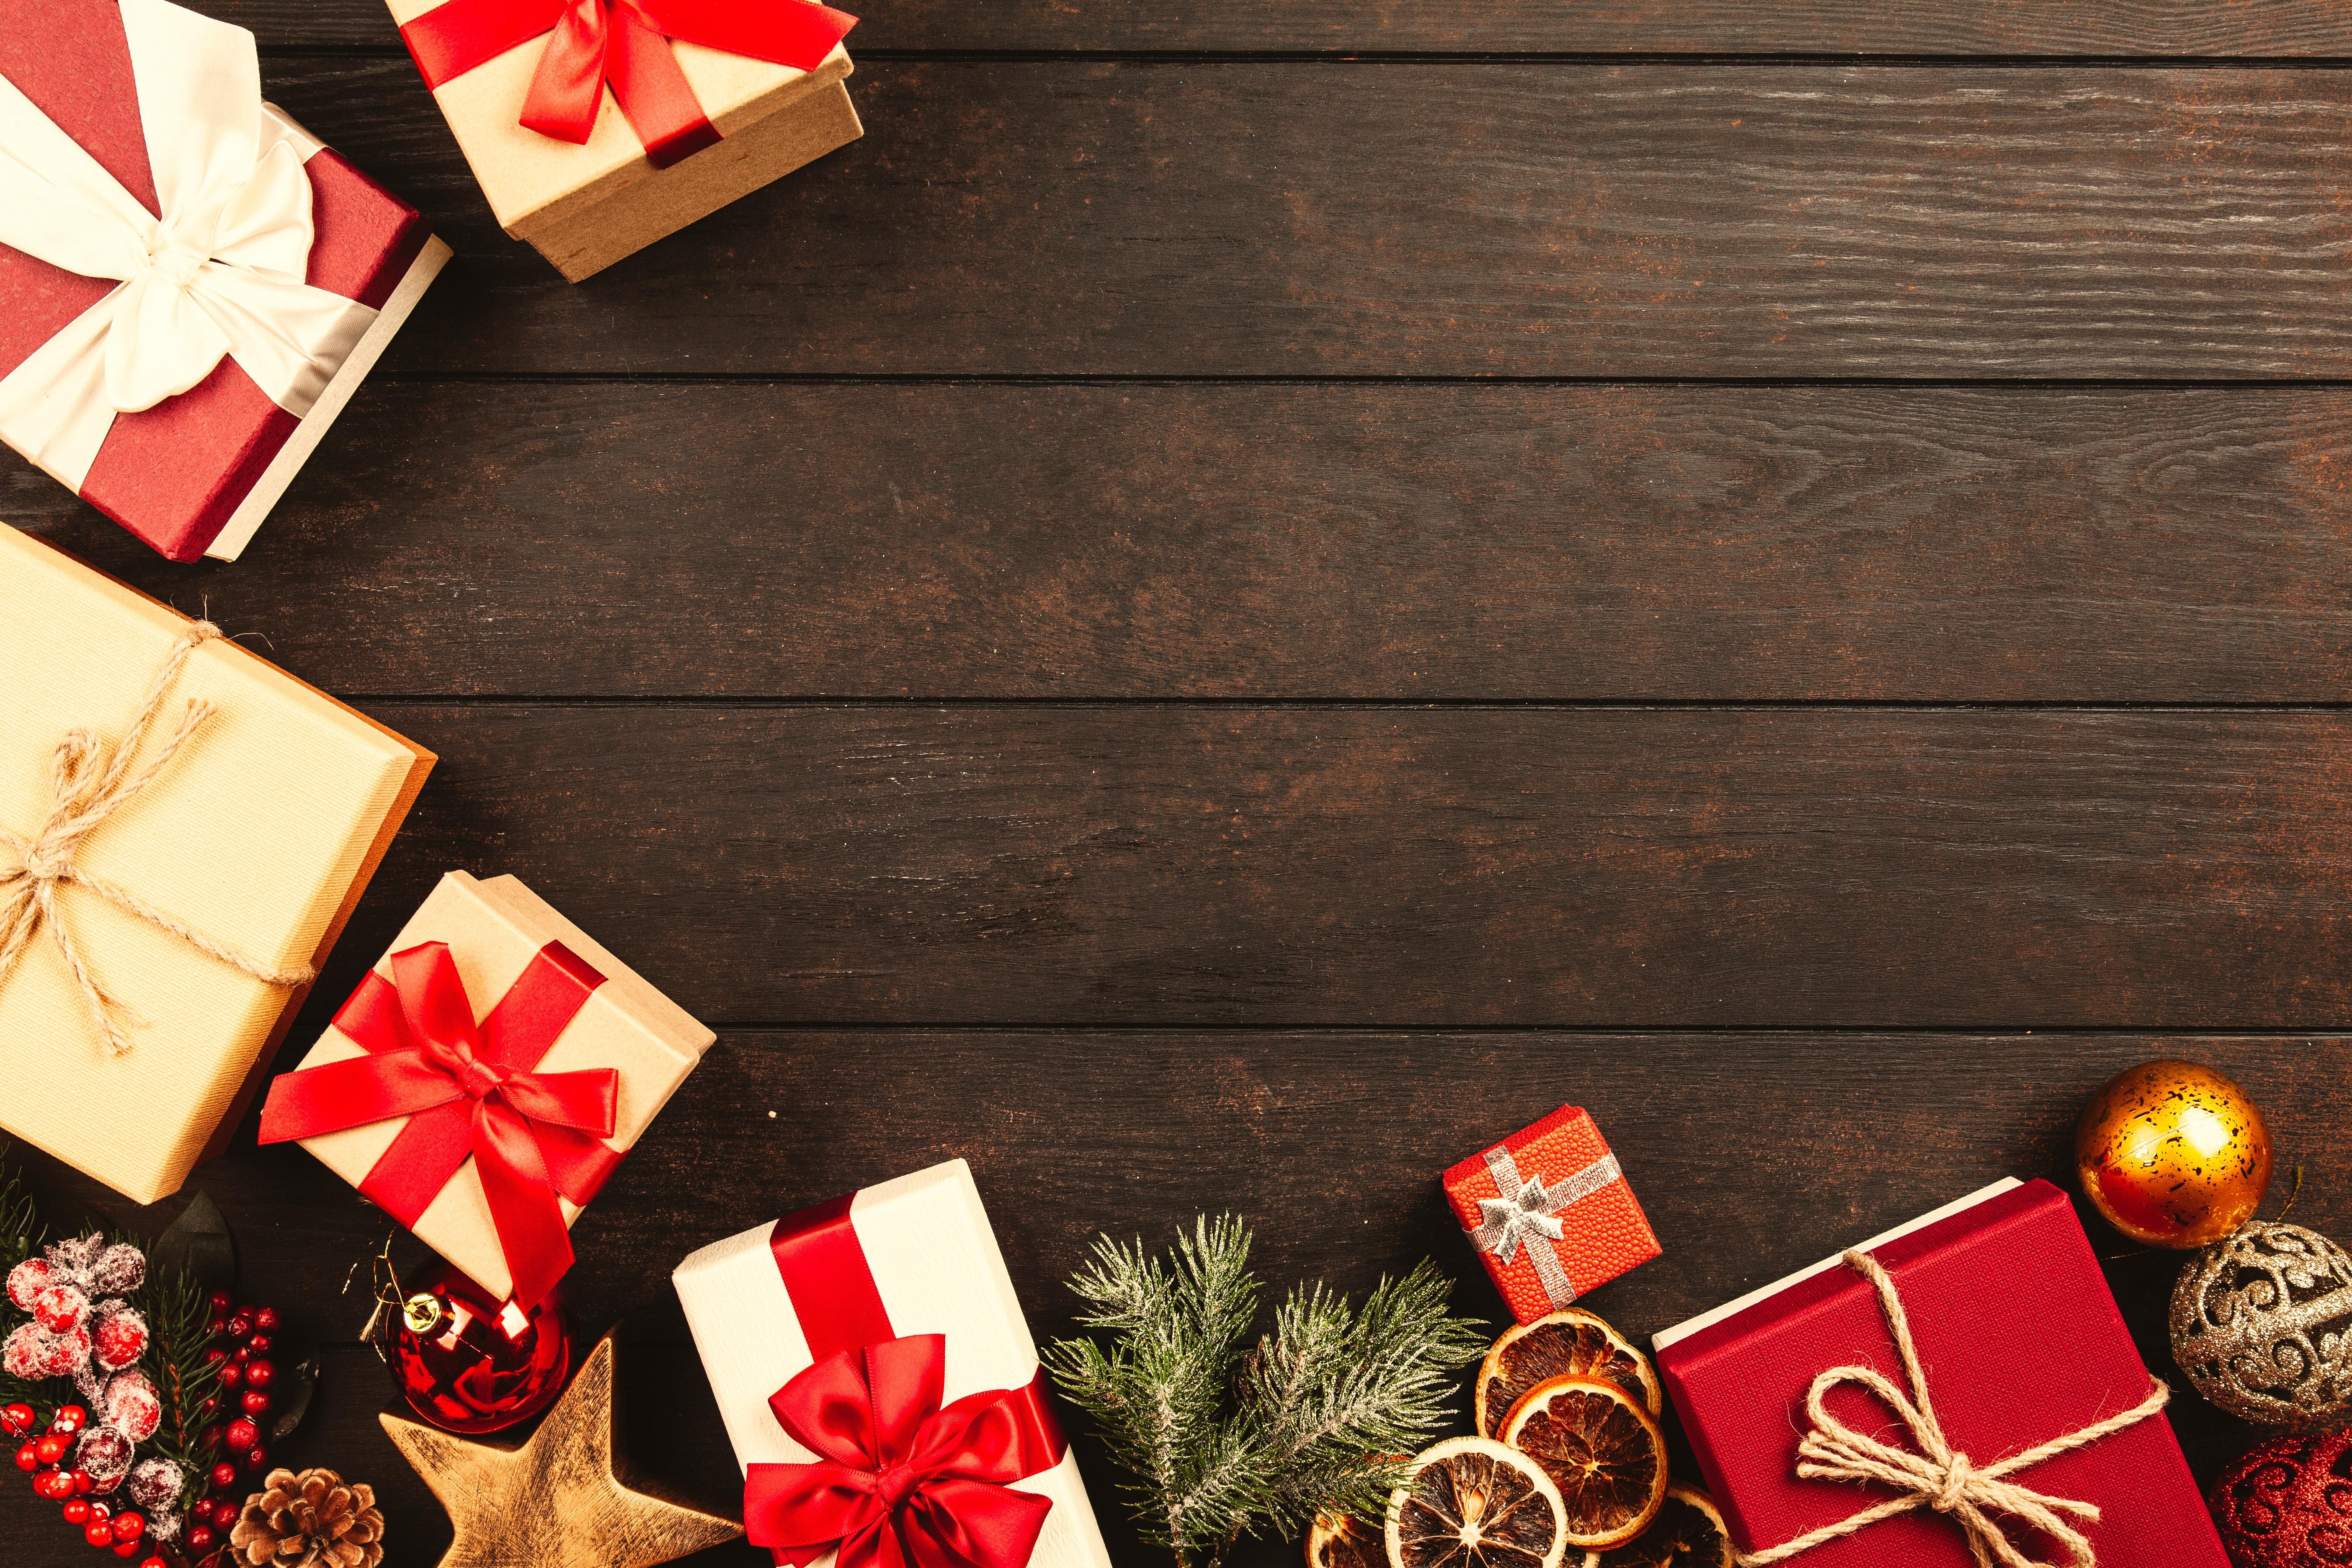 01_Weihnachtsgeschenk